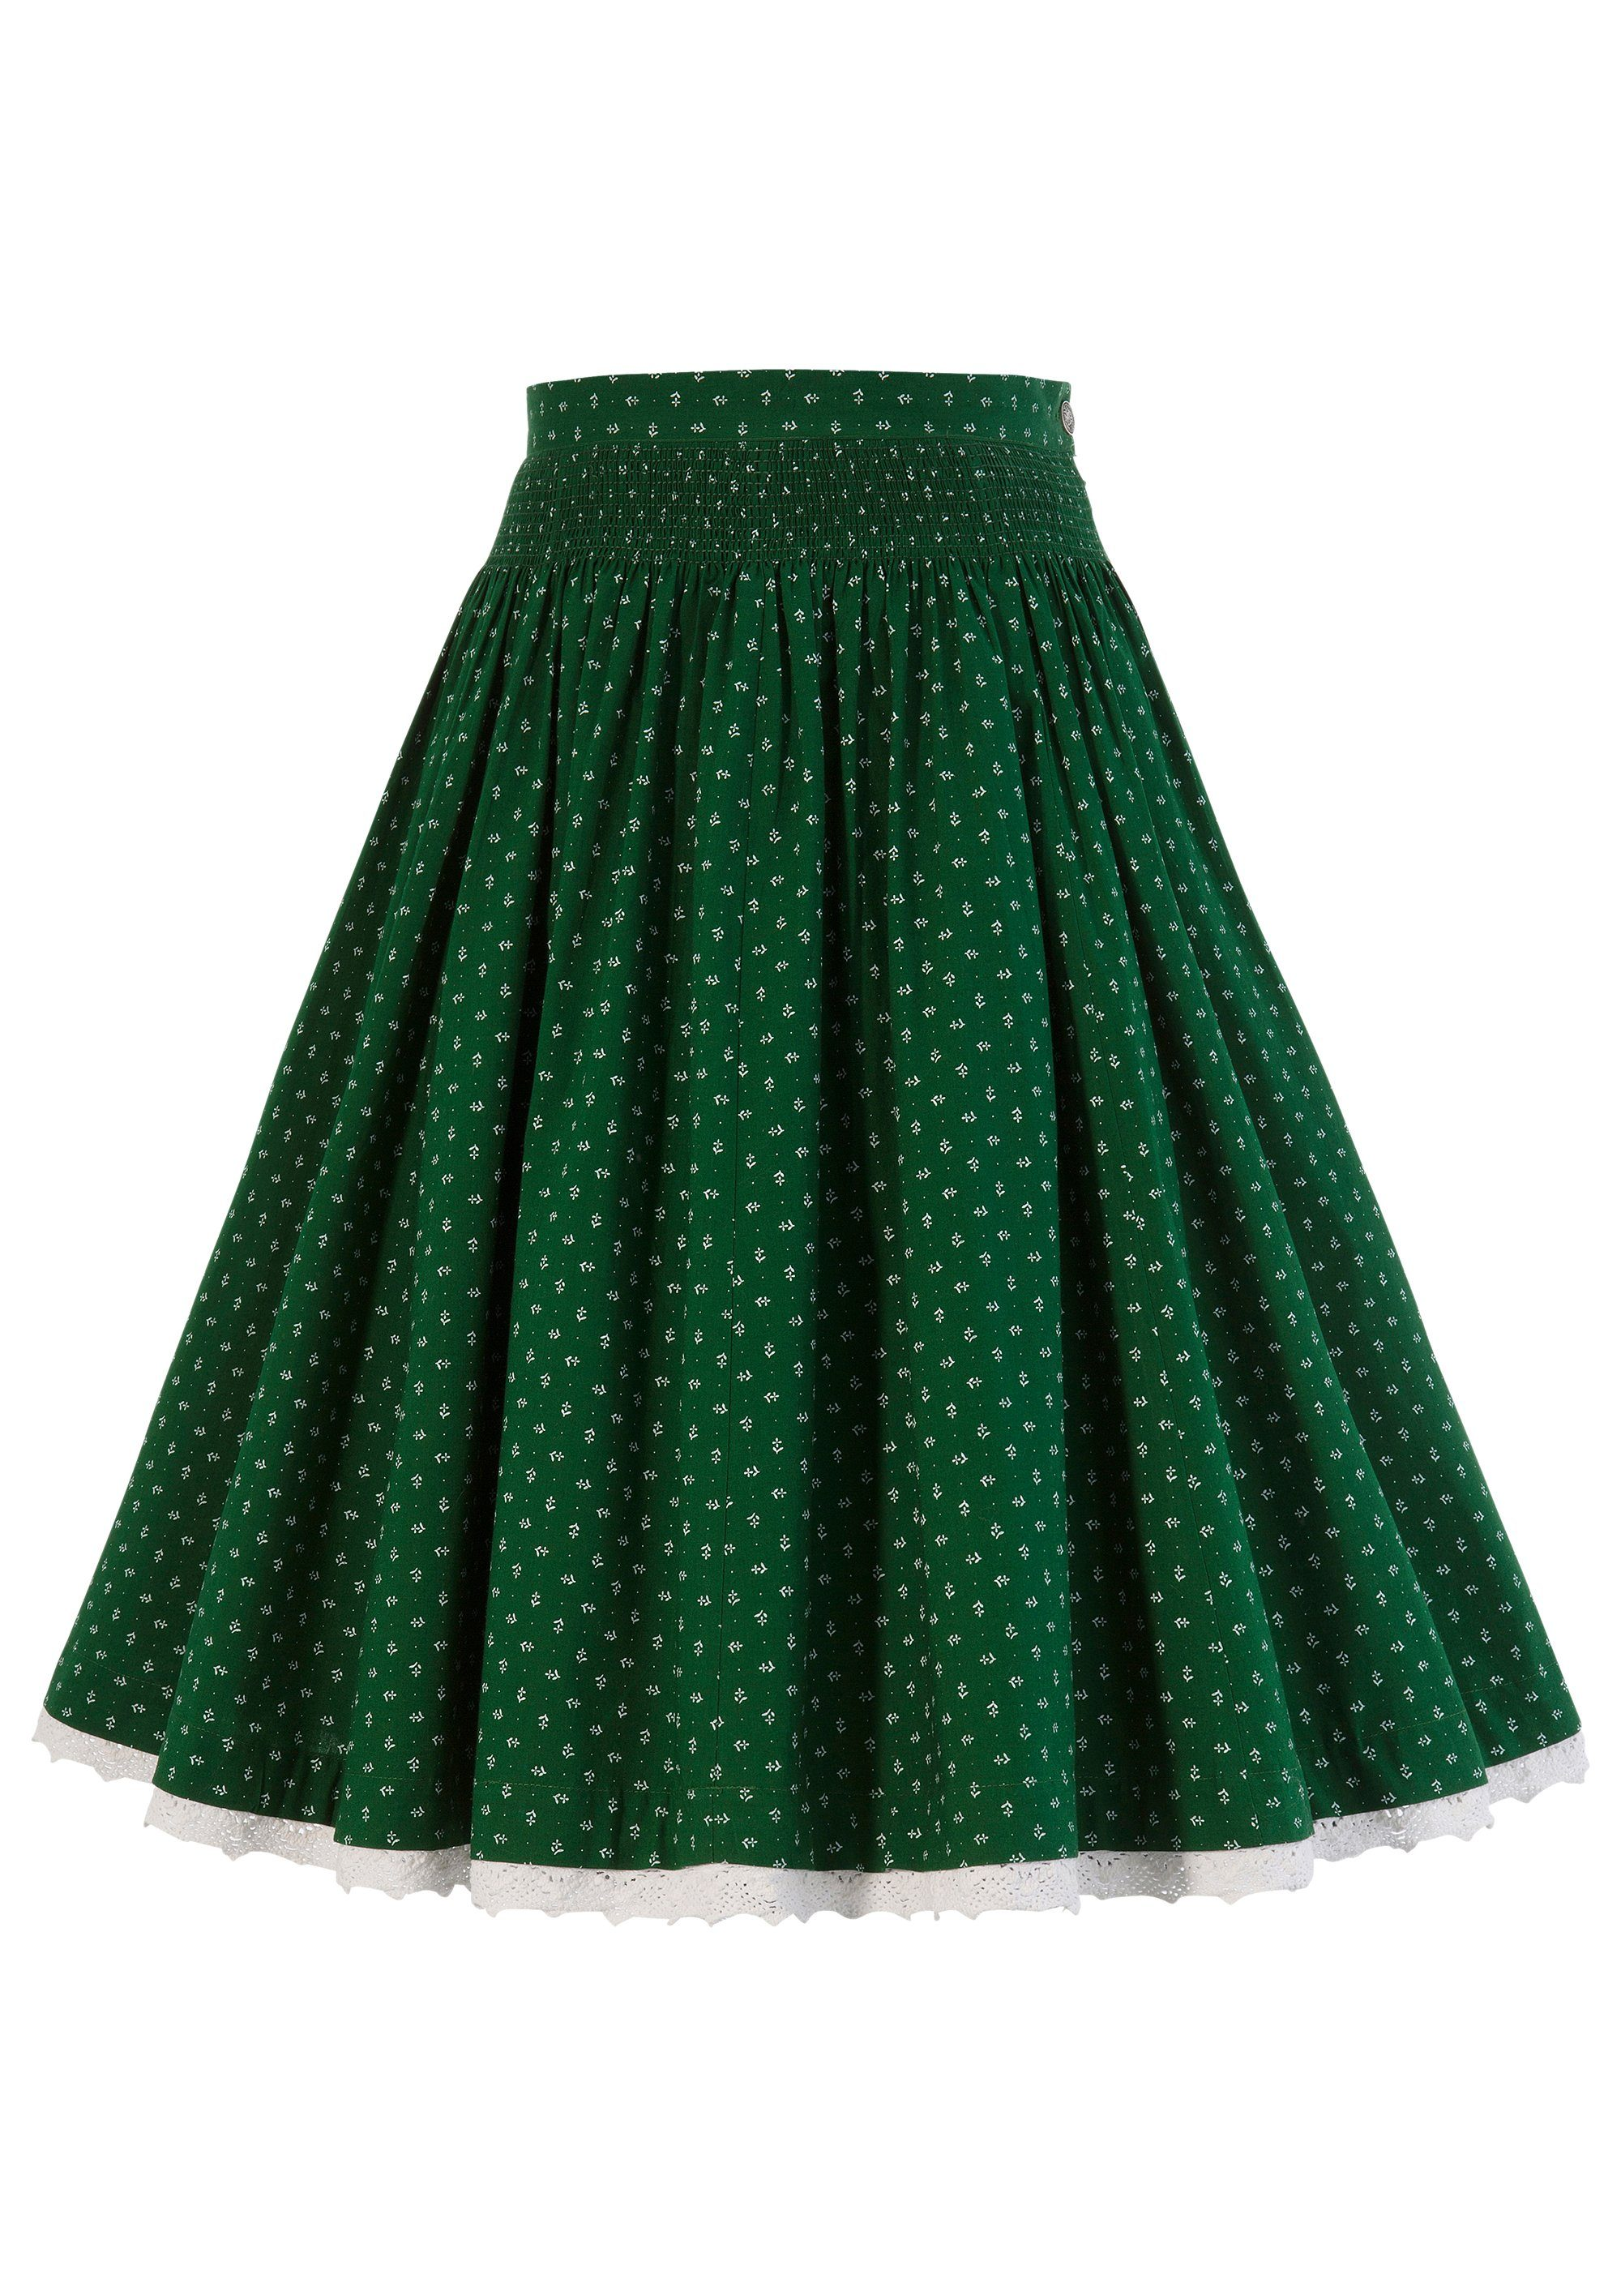 Almsach Trachtenrock mit integriertem Petticoat